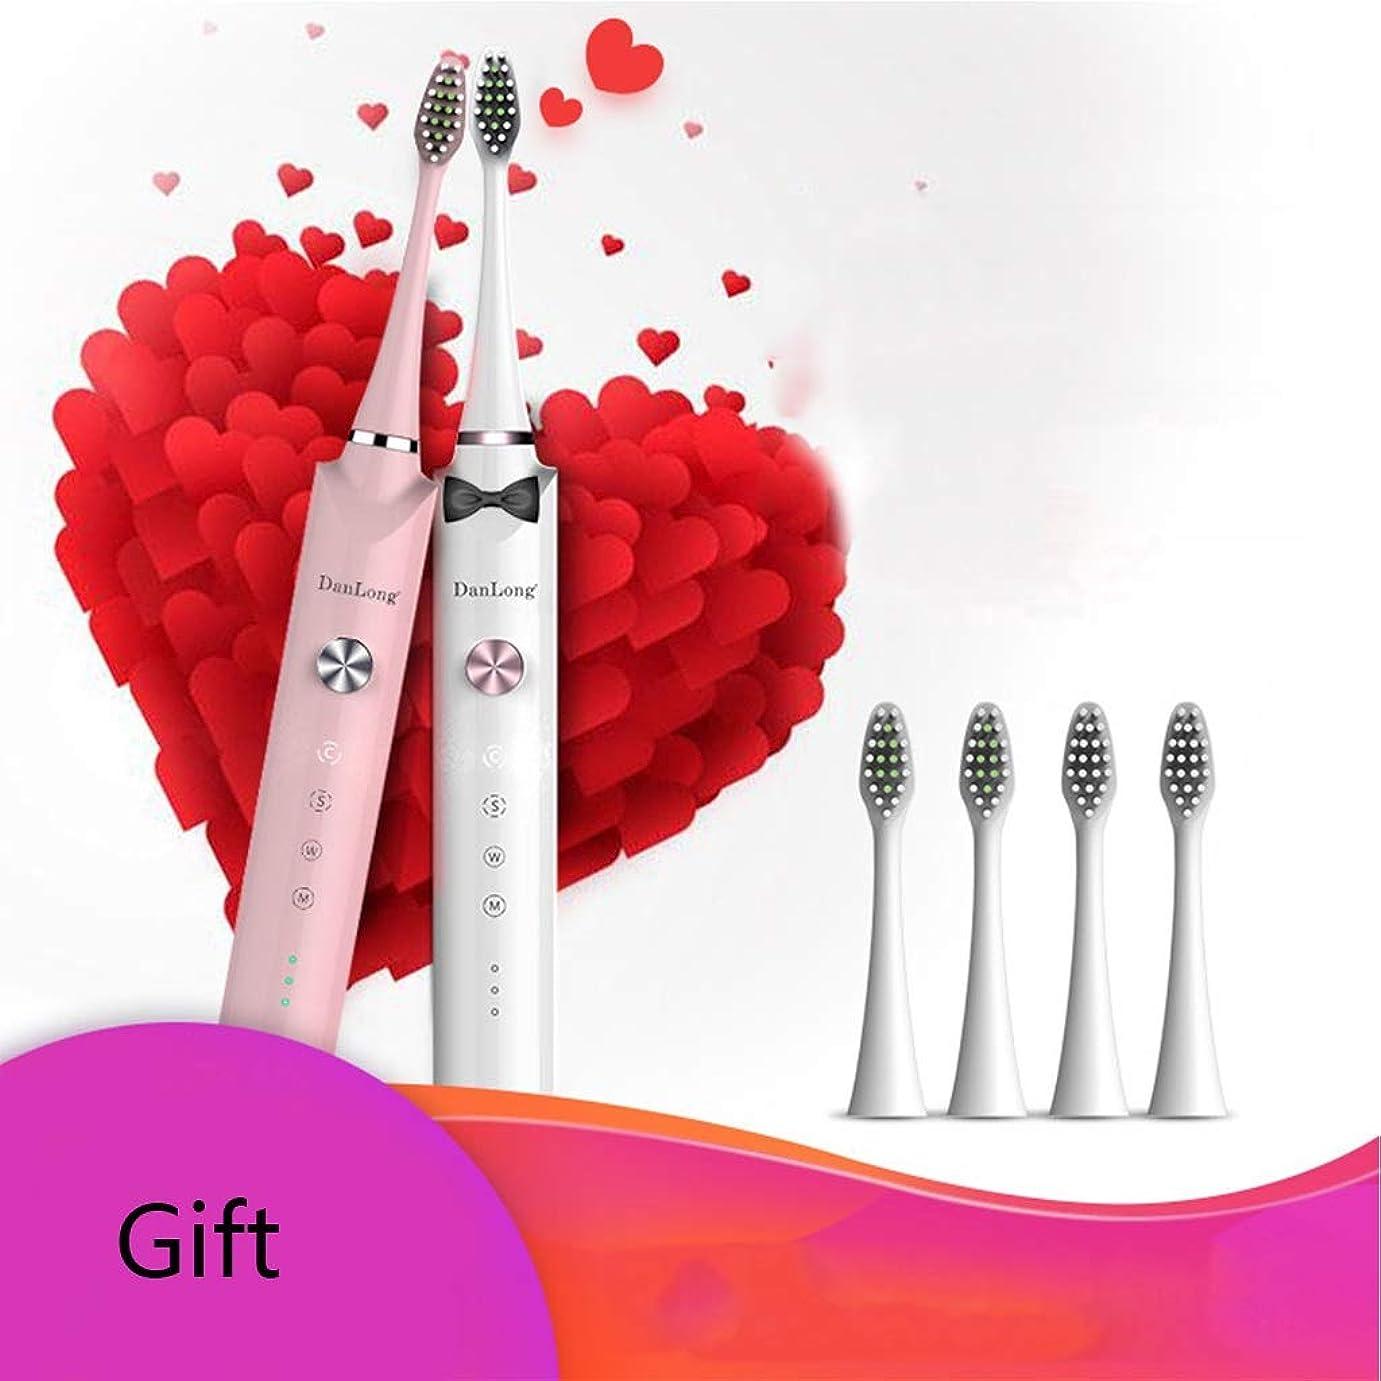 花婿スキップ好奇心盛電動歯ブラシ 音波の電動歯ブラシの大人の無線誘導充電スマートで柔らかい髪のカップルの歯ブラシ